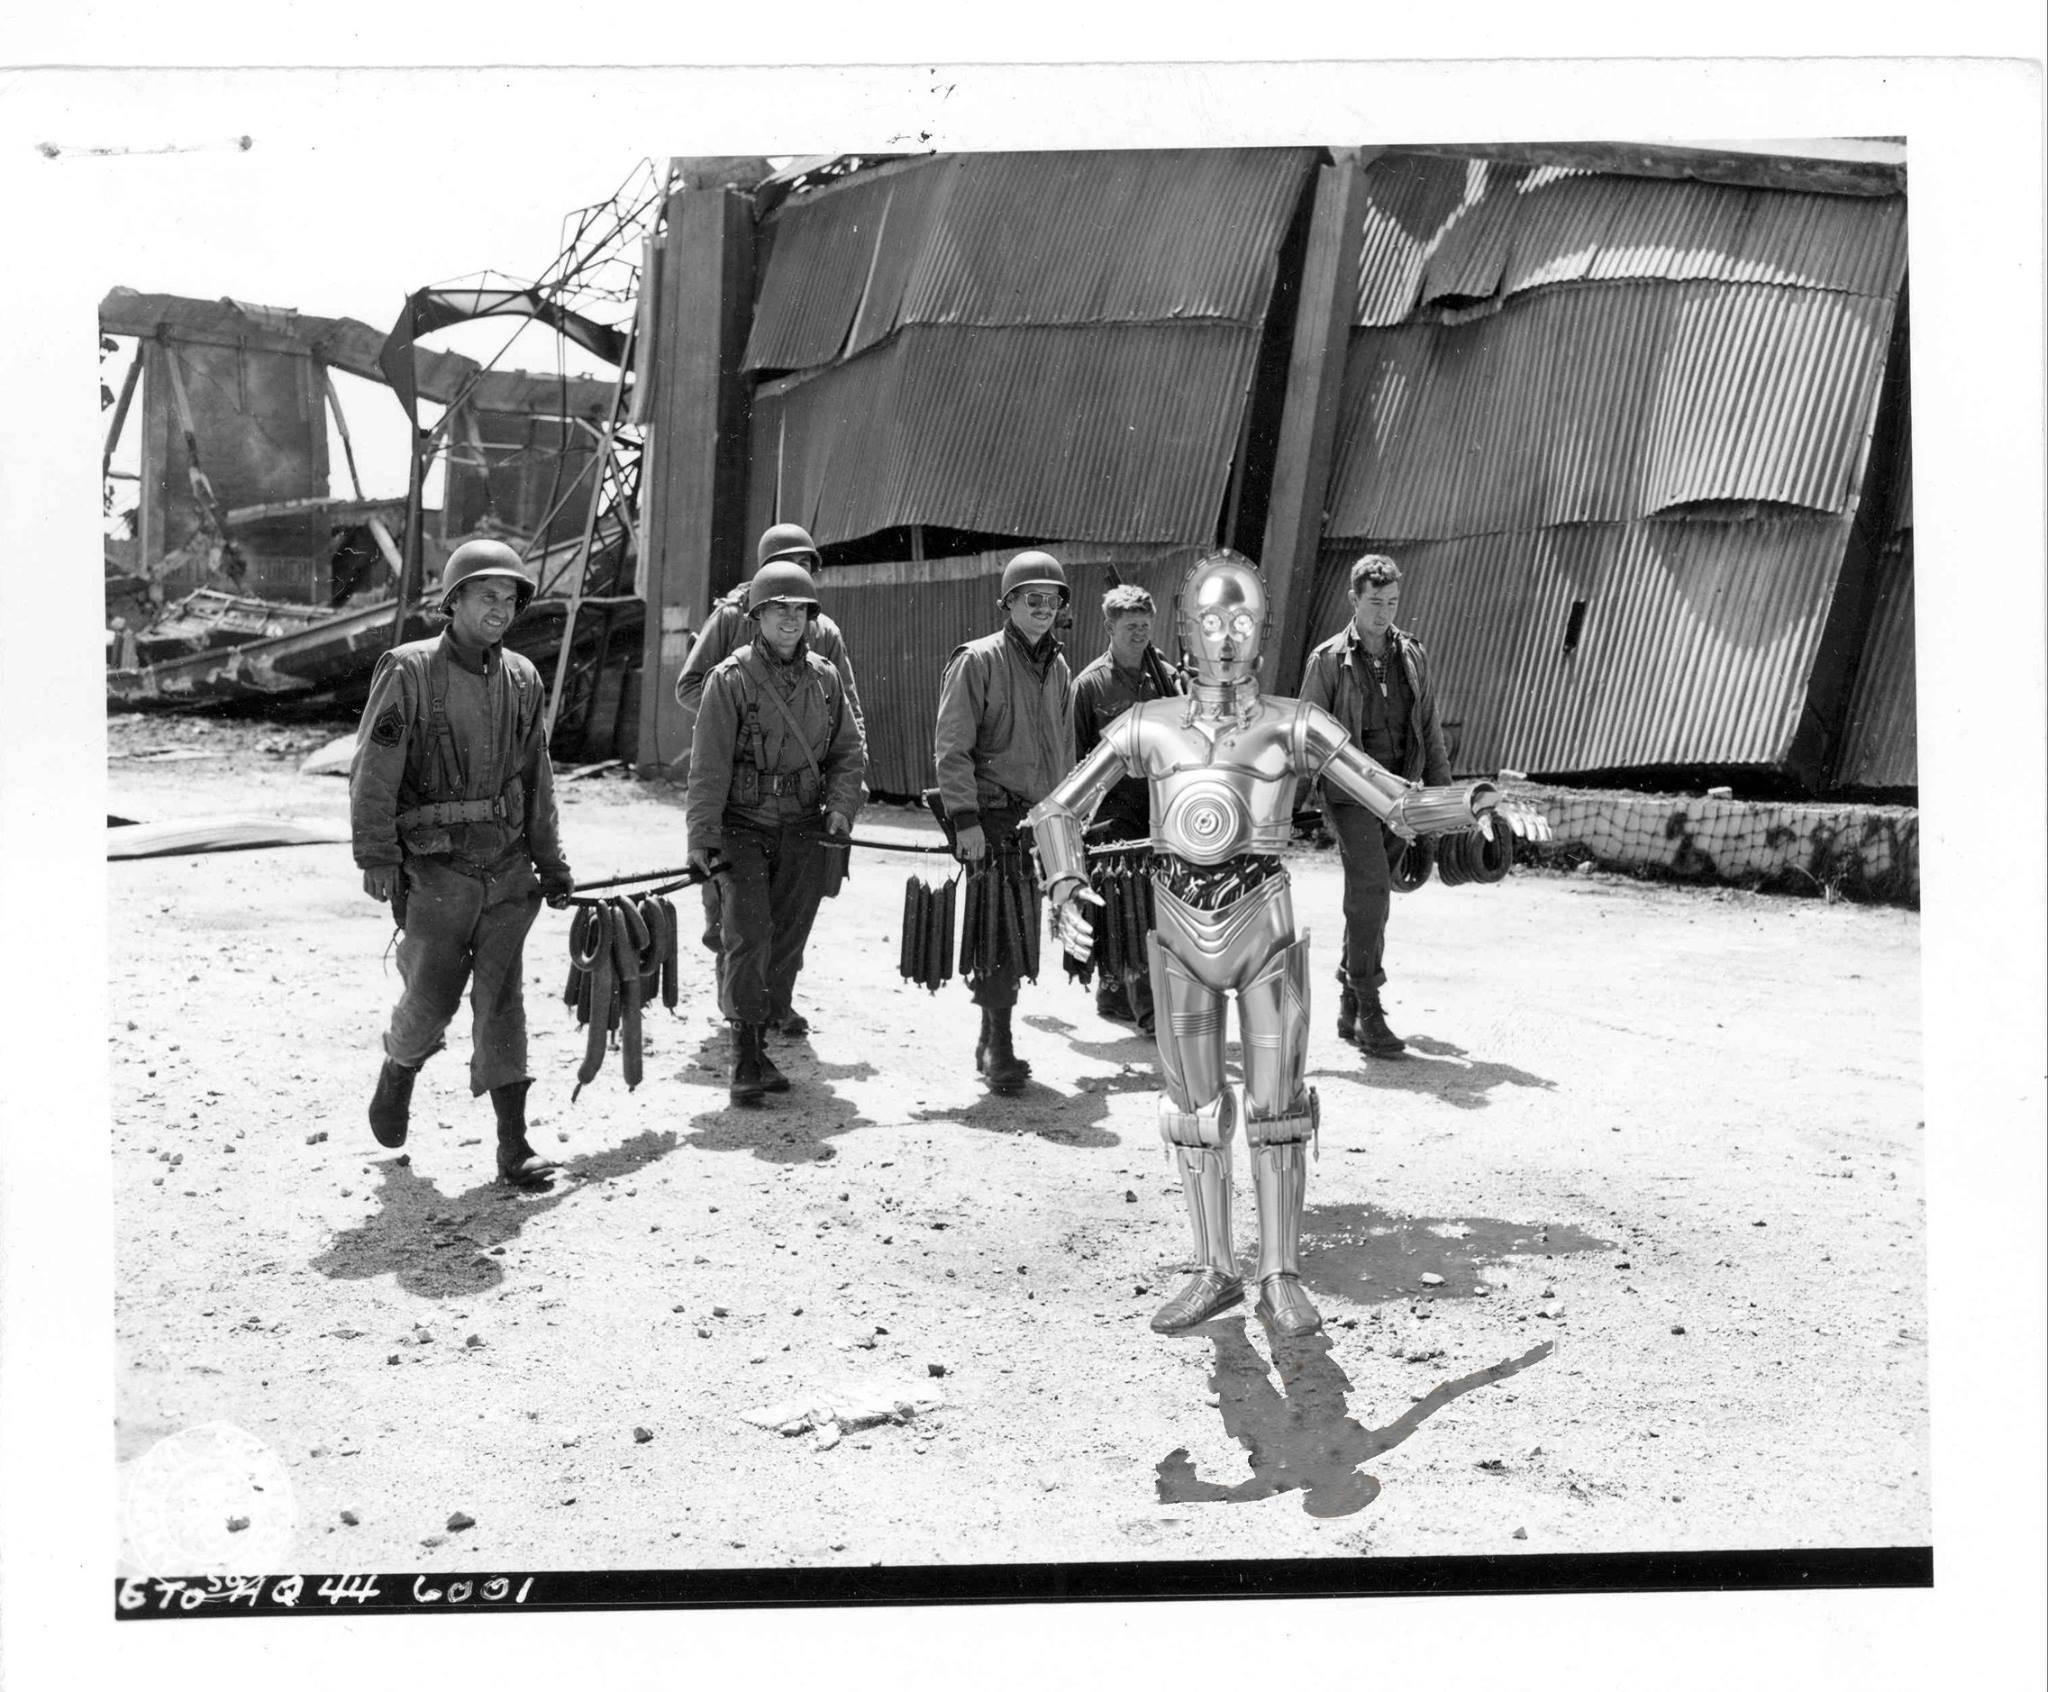 Star Wars S Invite Dans Les Archives Du Debarquement De Normandie Archimag